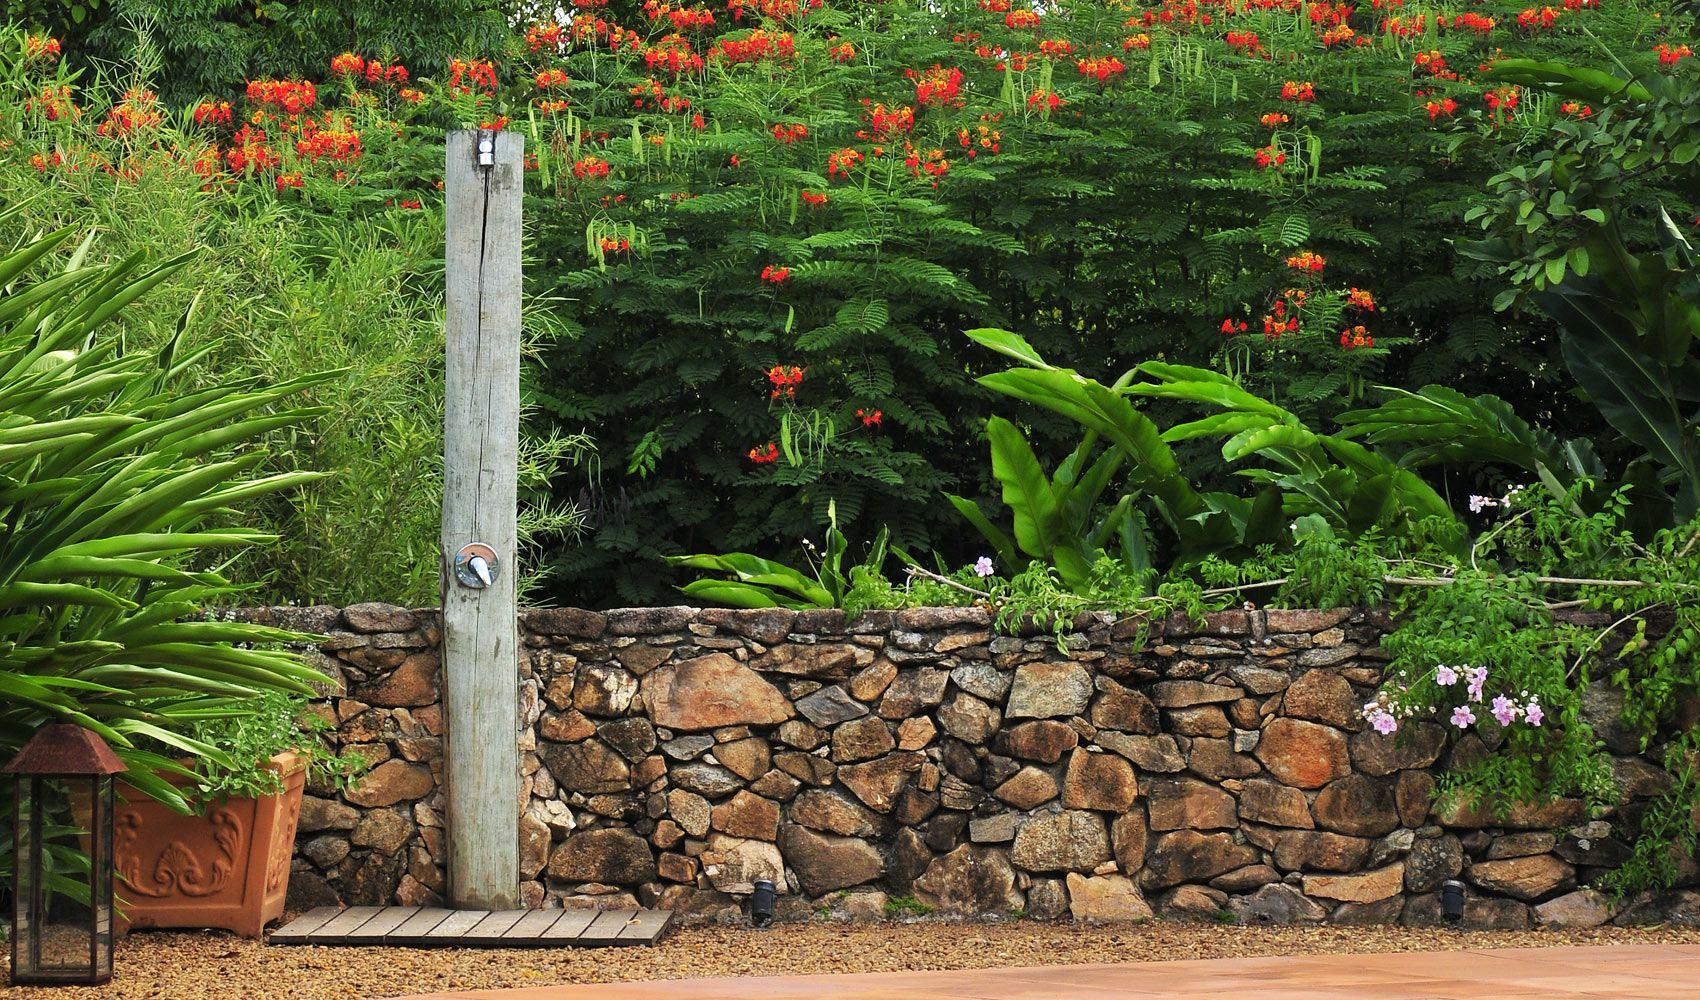 Dise o de exteriores jardines modernos y tropicales for Adornos para parques y jardines